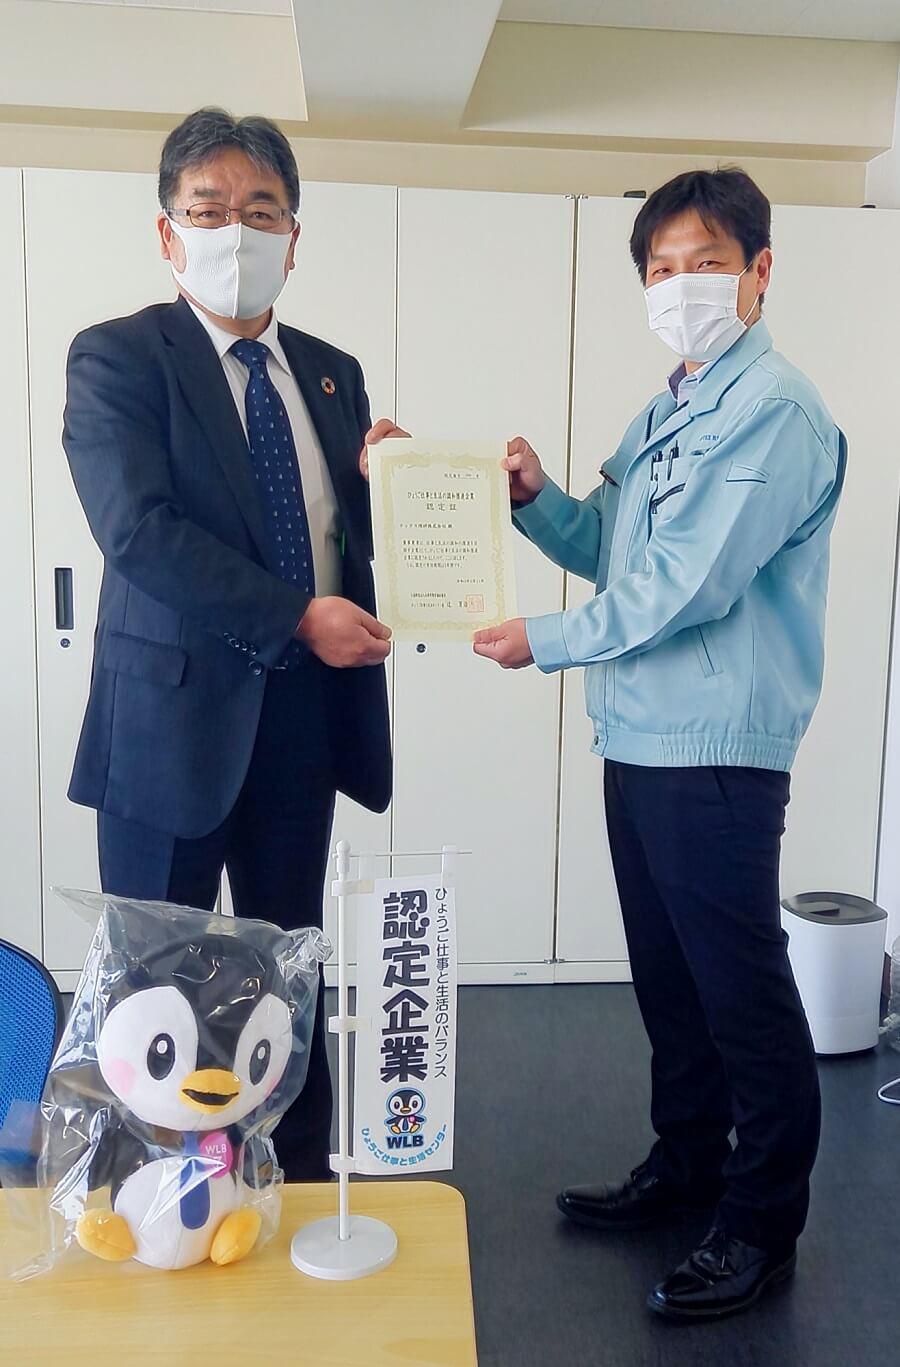 兵庫県勤労福祉協会「ひょうご仕事と生活の調和推進企業」認定